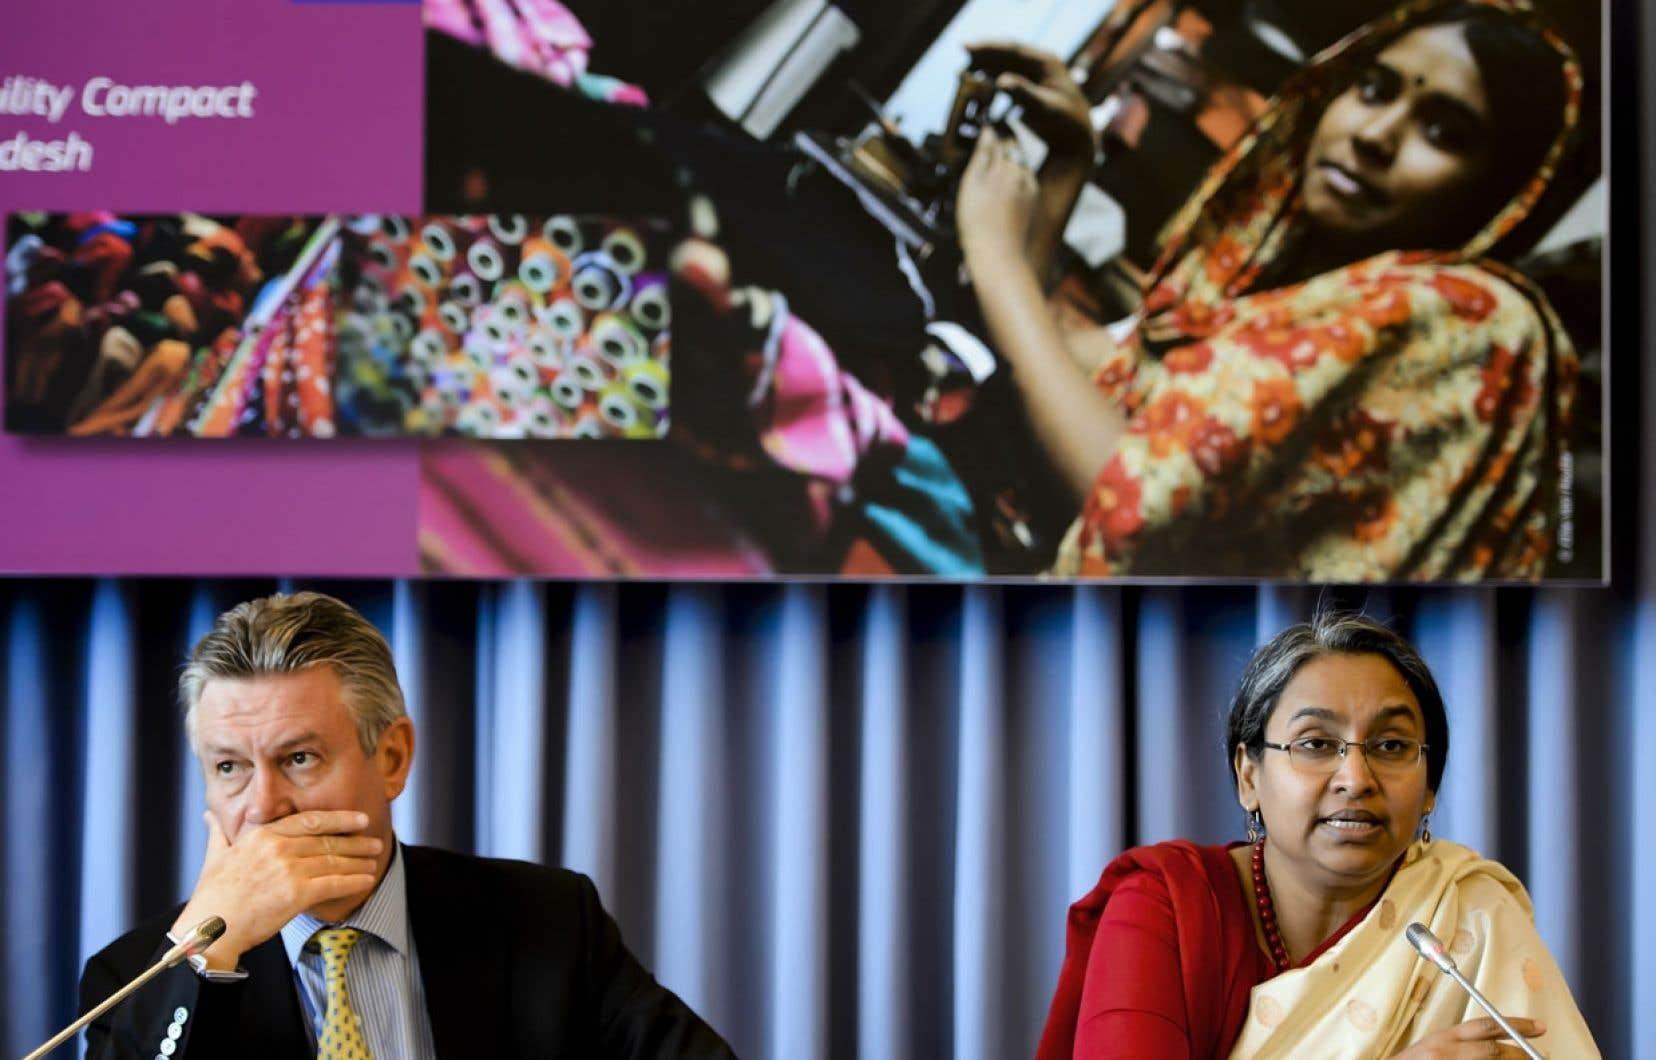 La ministre des Affaires étrangères du Bangladesh, Dipu Moni, aux côtés du commissaire européen au commerce, Karel De Gucht.